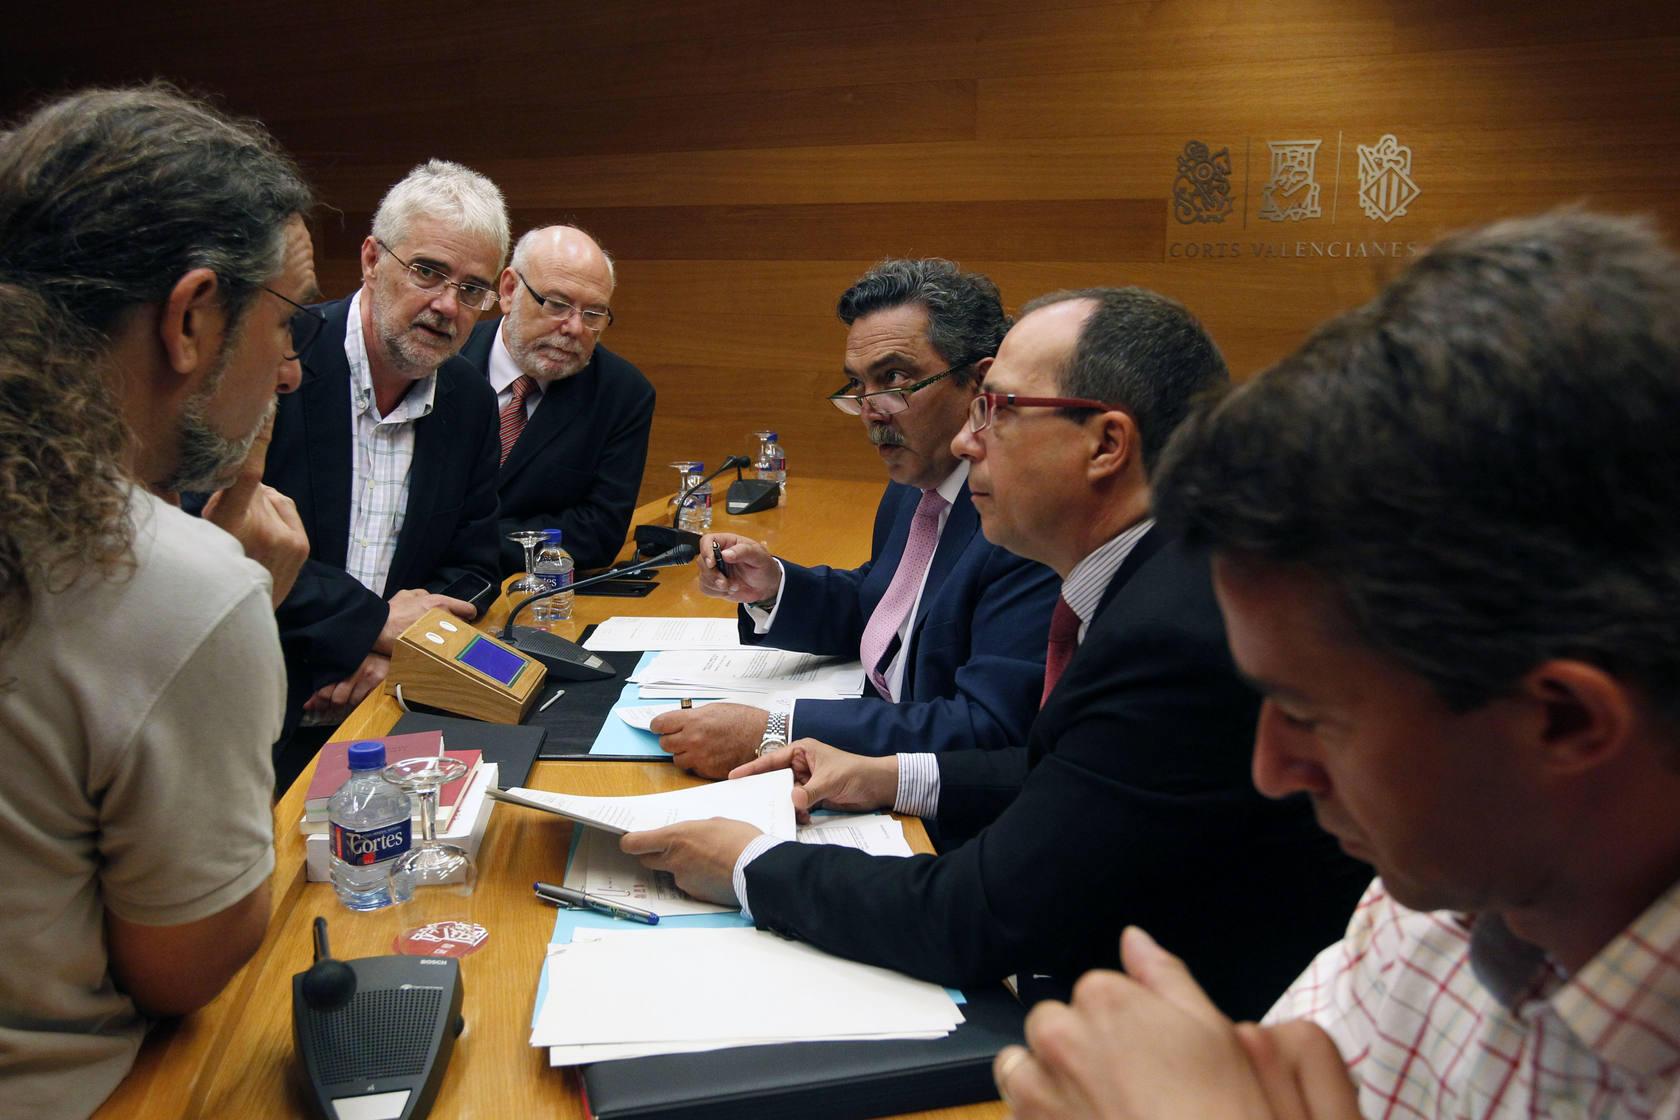 Comisión de Medio Ambiente en Les Corts